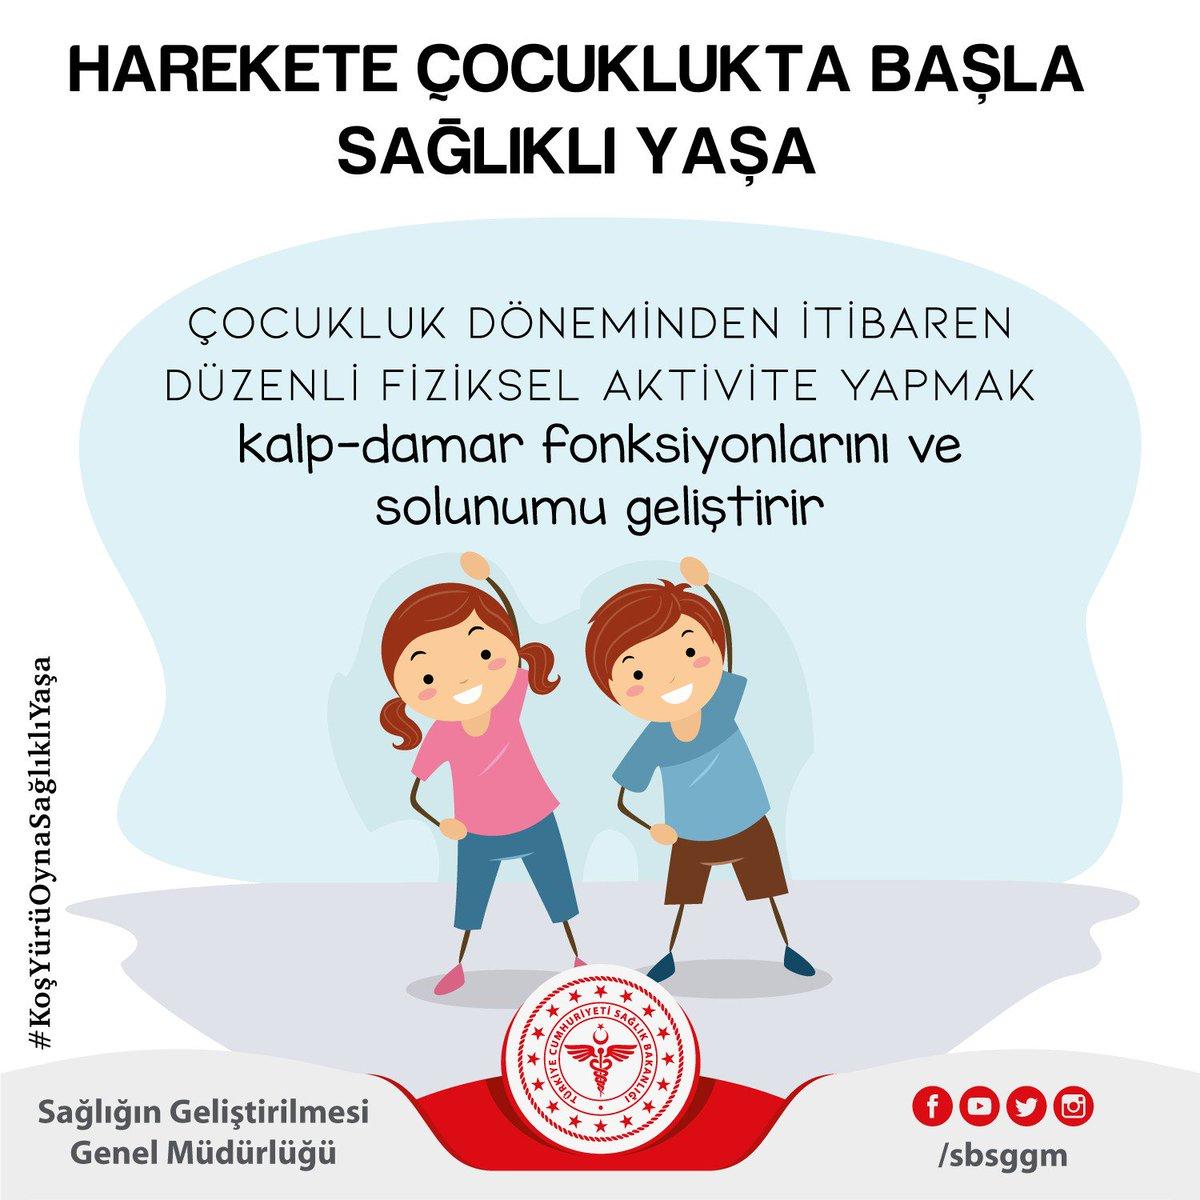 Çocukluk döneminden itibaren düzenli fiziksel aktivite yapmak kalp-damar fonksiyonlarını ve solunumu geliştirir. #KoşYürüOynaSağlıklıYaşa